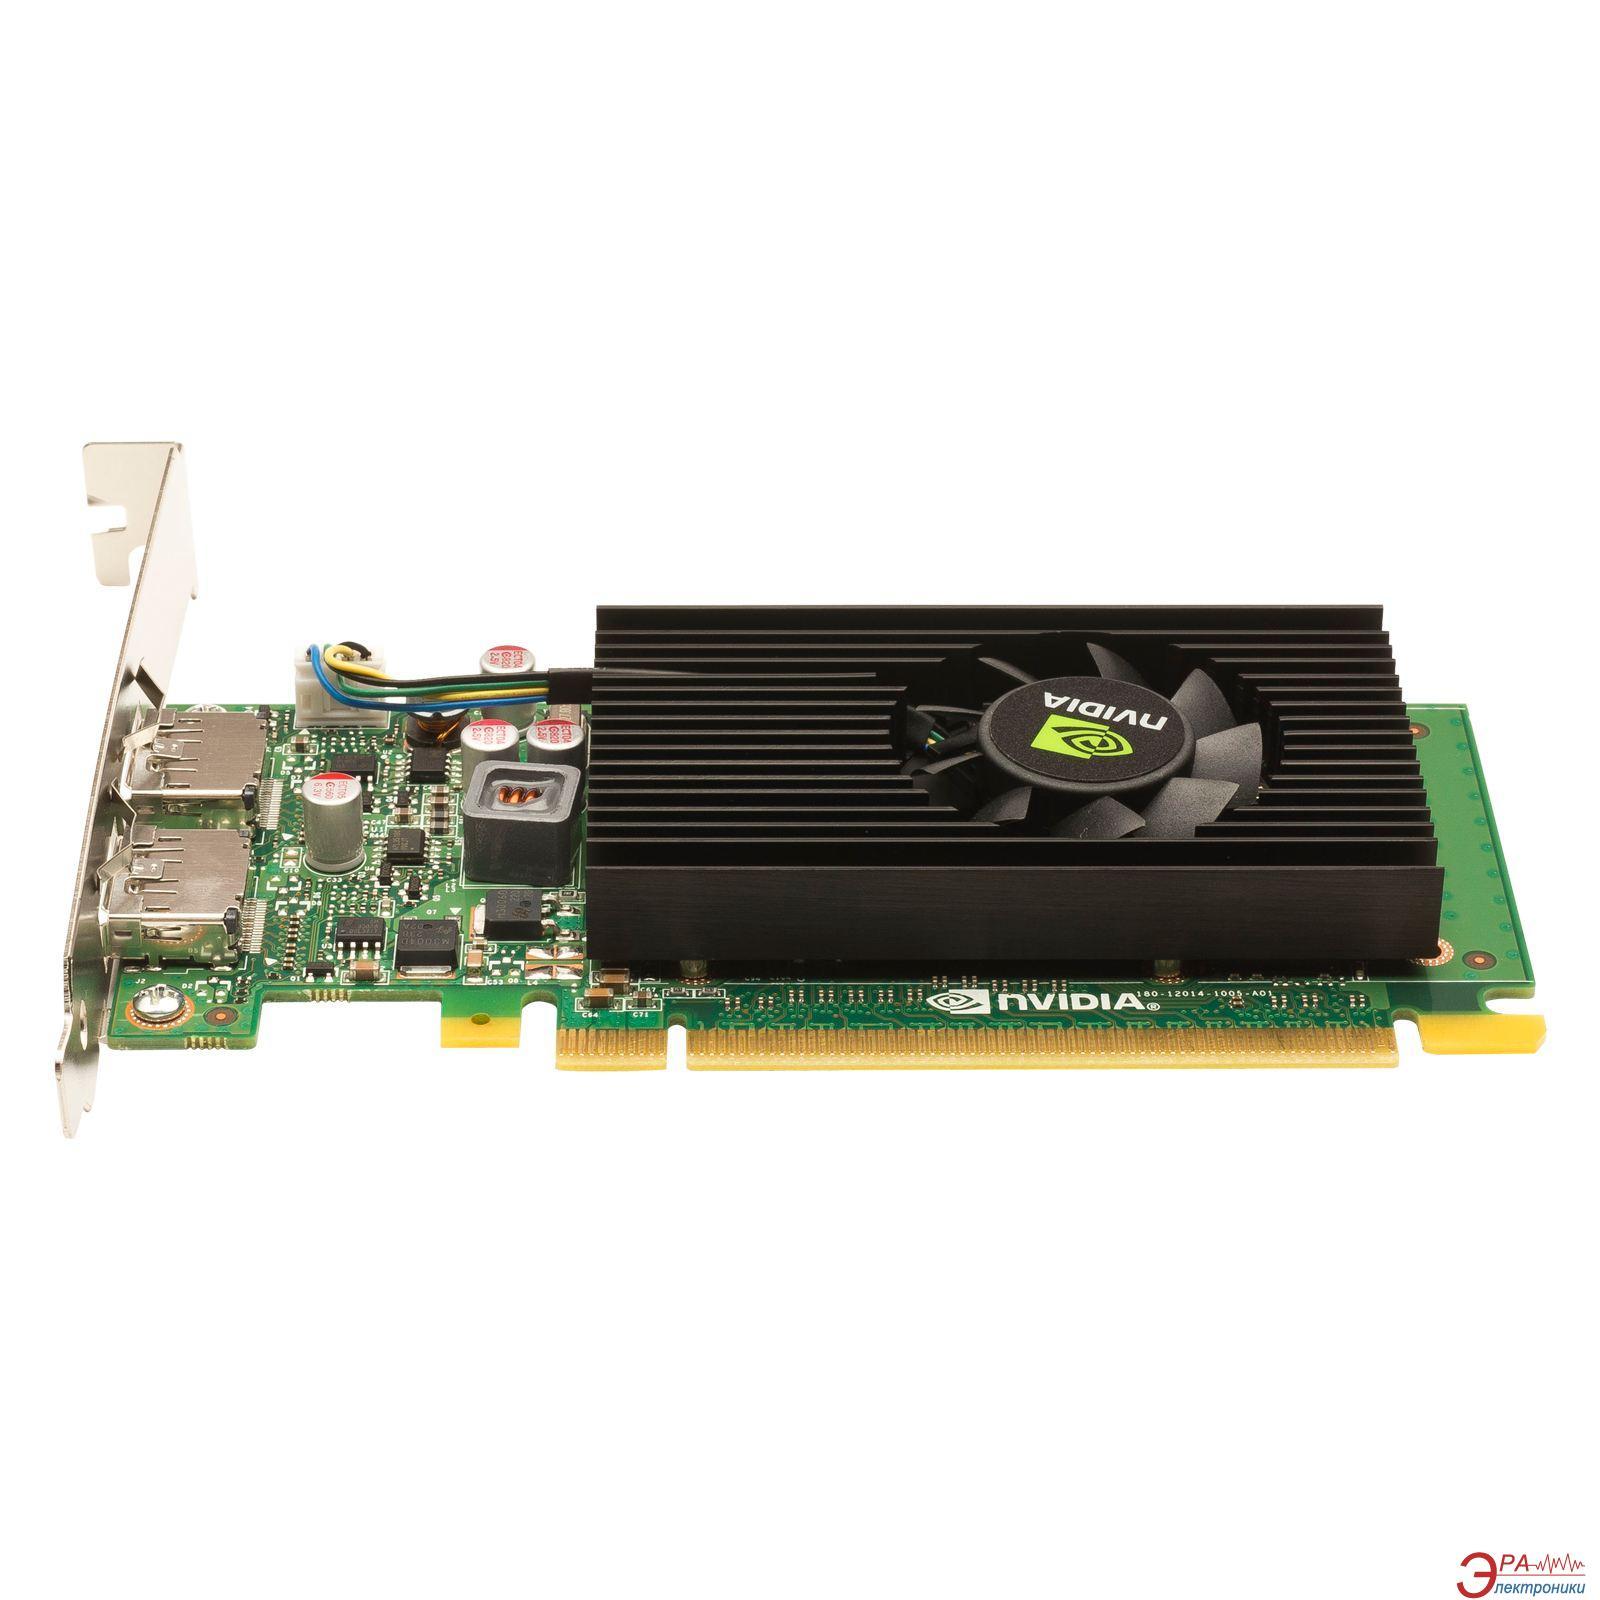 Видеокарта PNY Nvidia GeForce Quadro 310NVS low profile GDDR3 512 Мб (VCNVS310DVI-PB)